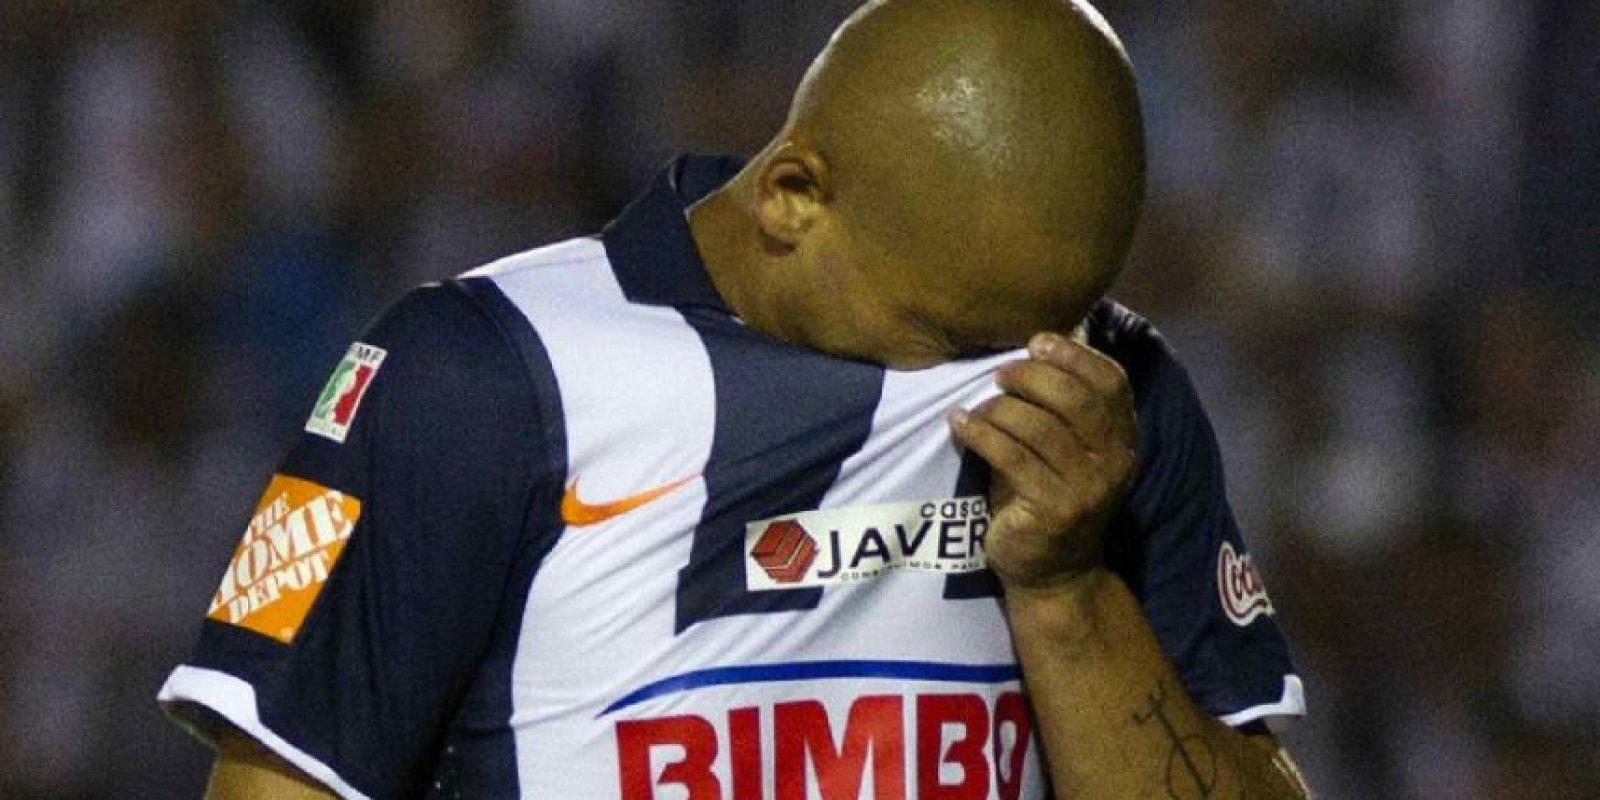 Foto:También los grandes se equivocan / MexSport